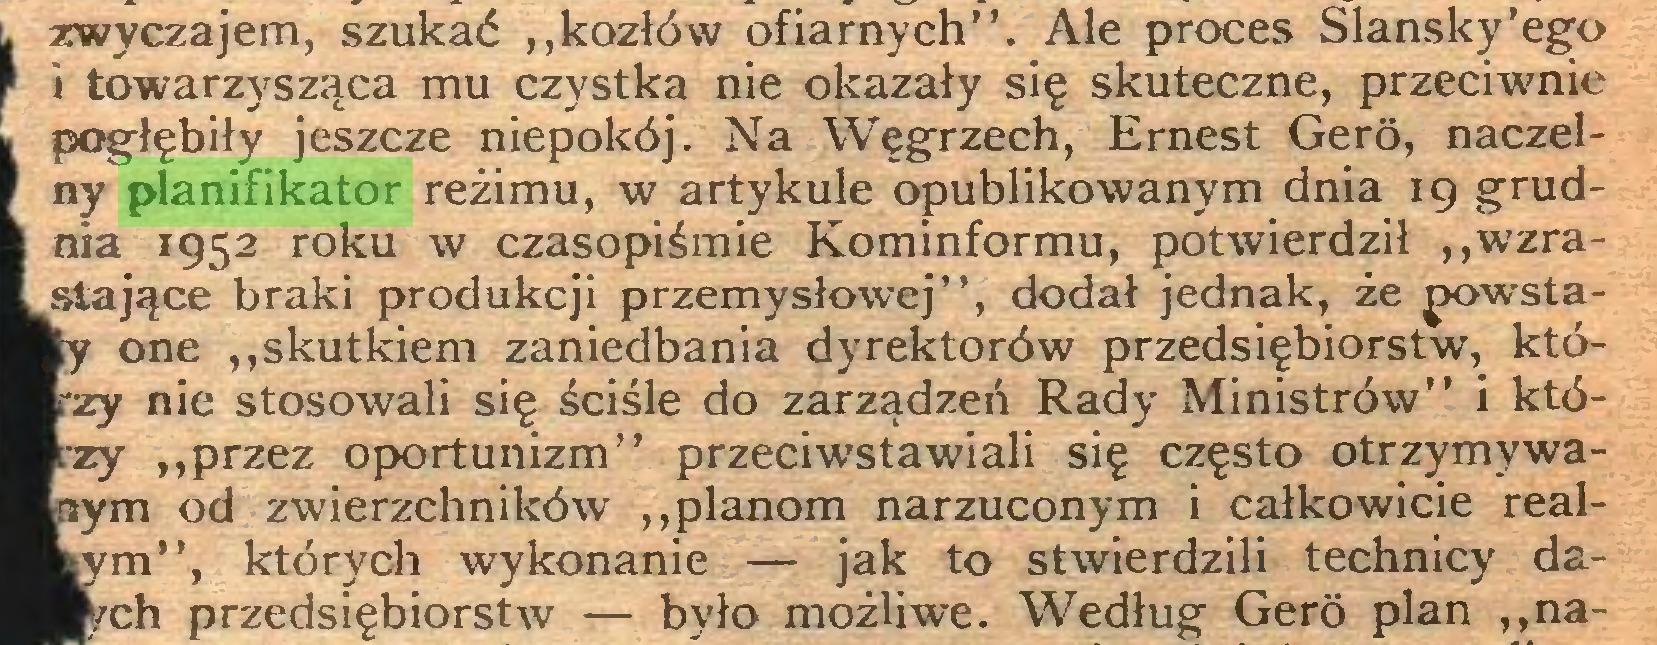 """(...) zwyczajem, szukać ,,kozłów ofiarnych''. Ale proces Slansky'ego i towarzysząca mu czystka nie okazały się skuteczne, przeciwnie pogłębiły jeszcze niepokój. Na Węgrzech, Ernest Gero, naczelny planifikator reżimu, w artykule opublikowanym dnia 19 grudnia 1952 roku w czasopiśmie Kominformu, potwierdził ,,wzrastające braki produkcji przemysłowej"""", dodał jednak, że jx>wstay one """"skutkiem zaniedbania dyrektorów przedsiębiorstw, któzy nie stosowali się ściśle do zarządzeń Rady Ministrów"""" i któzy """"przez oportunizm"""" przeciwstawiali się często otrzymywanym od zwierzchników """"planom narzuconym i całkowicie realym"""", których wykonanie — jak to stwierdzili technicy dach przedsiębiorstw — było możliwe. Według Gero plan """"na..."""